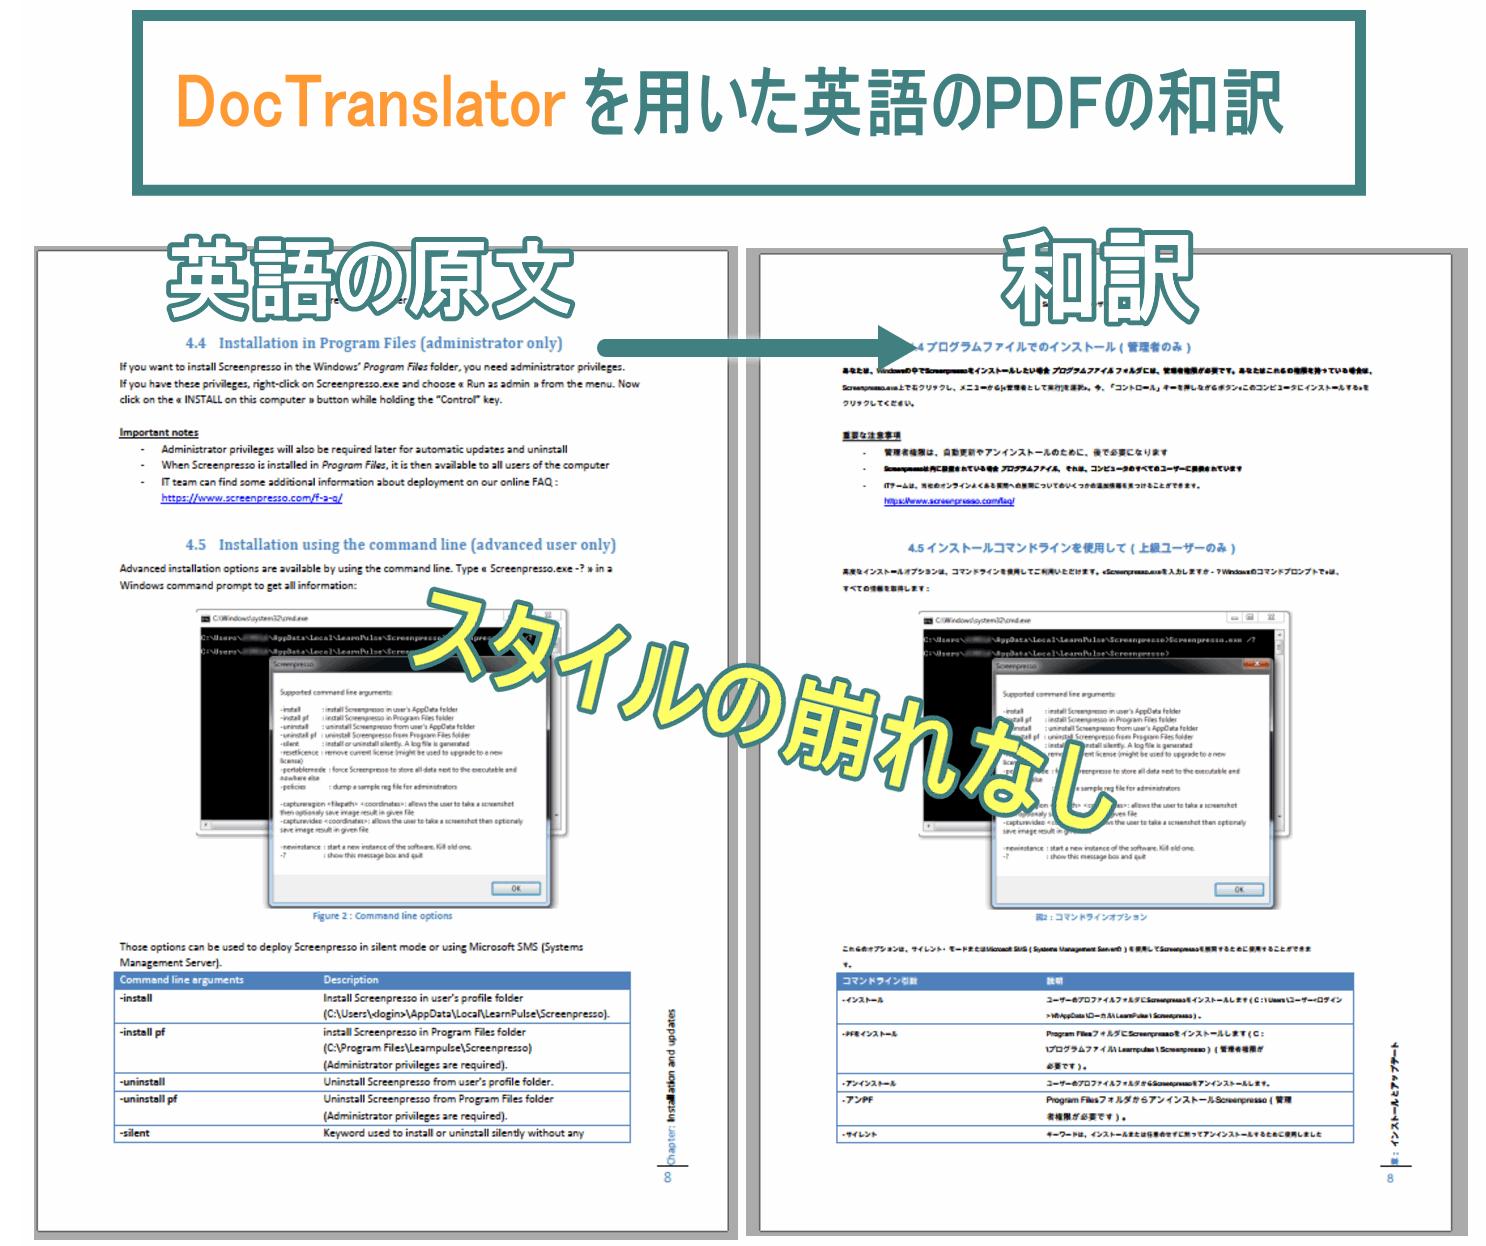 DocTranslator を利用してPDFを翻訳する場合の最大のメリットはスタイルの崩れがほぼないという点。